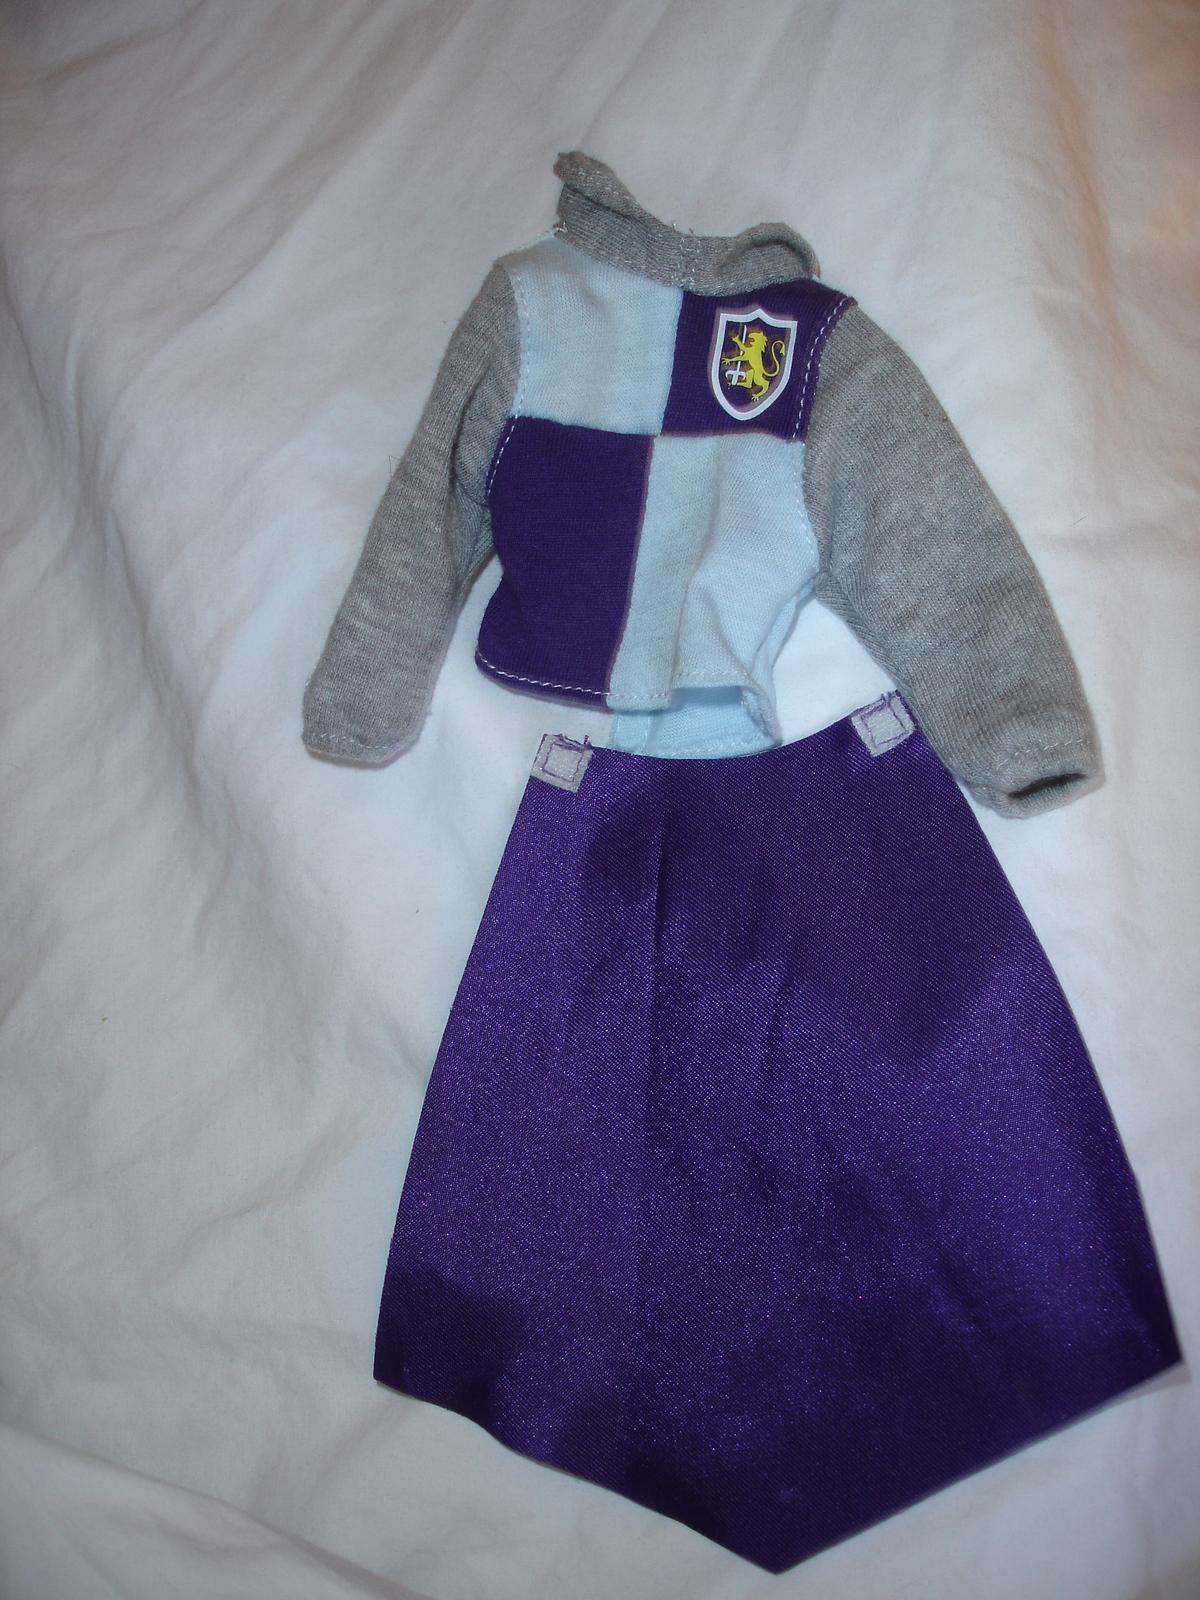 Bratz Boyz doll clothes shirt with cape costume pieces also fit Ken - $9.99